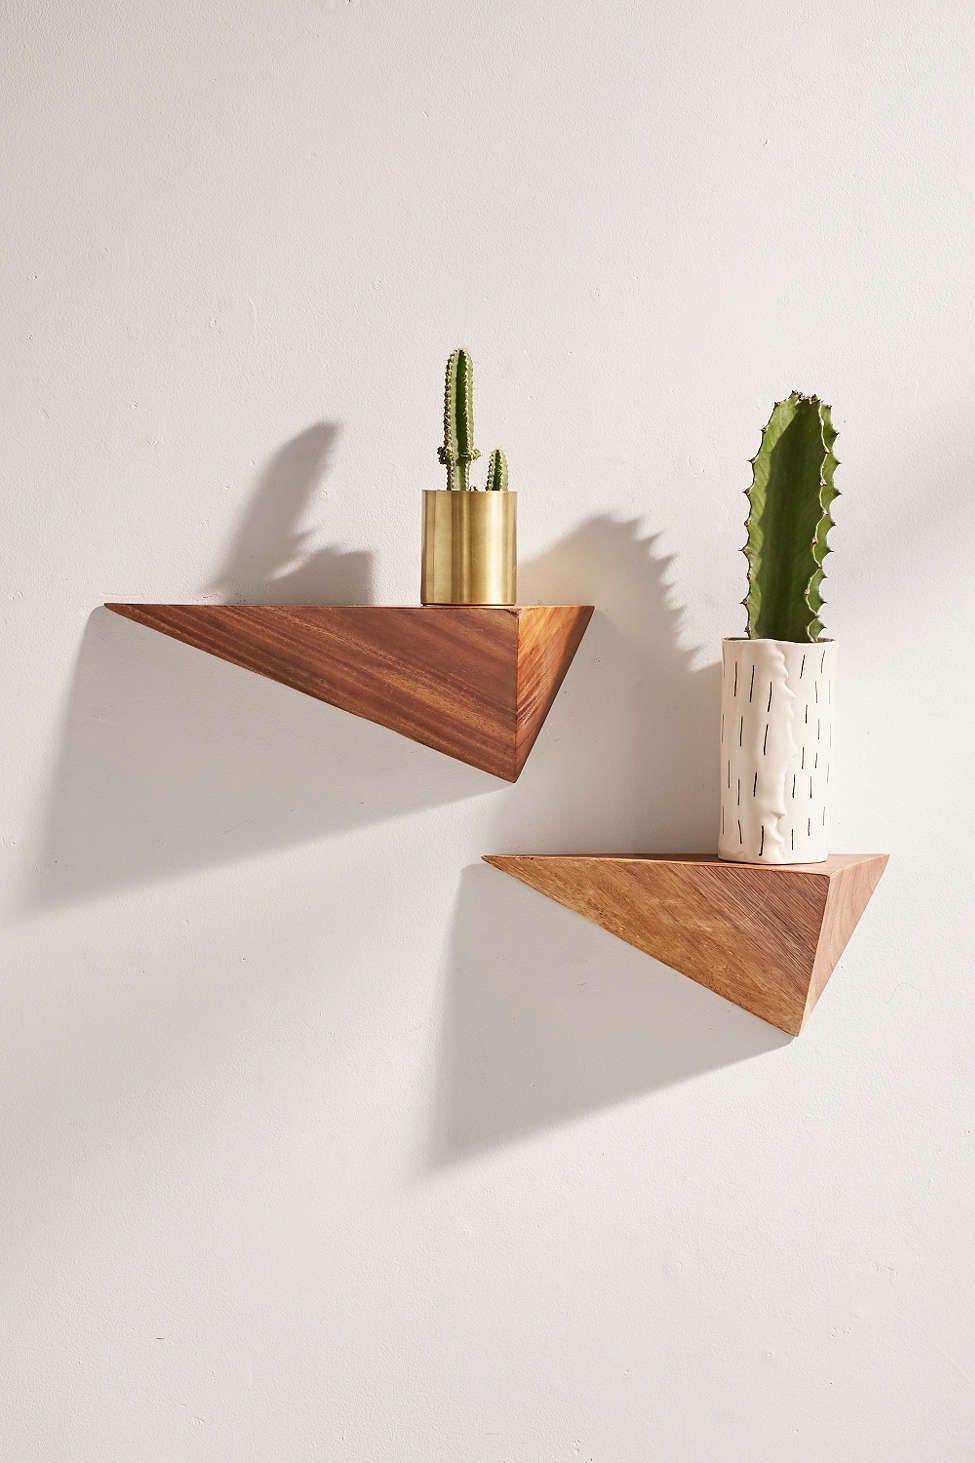 3D Pyramid Ledge | Gestalten, Holz und Möbel